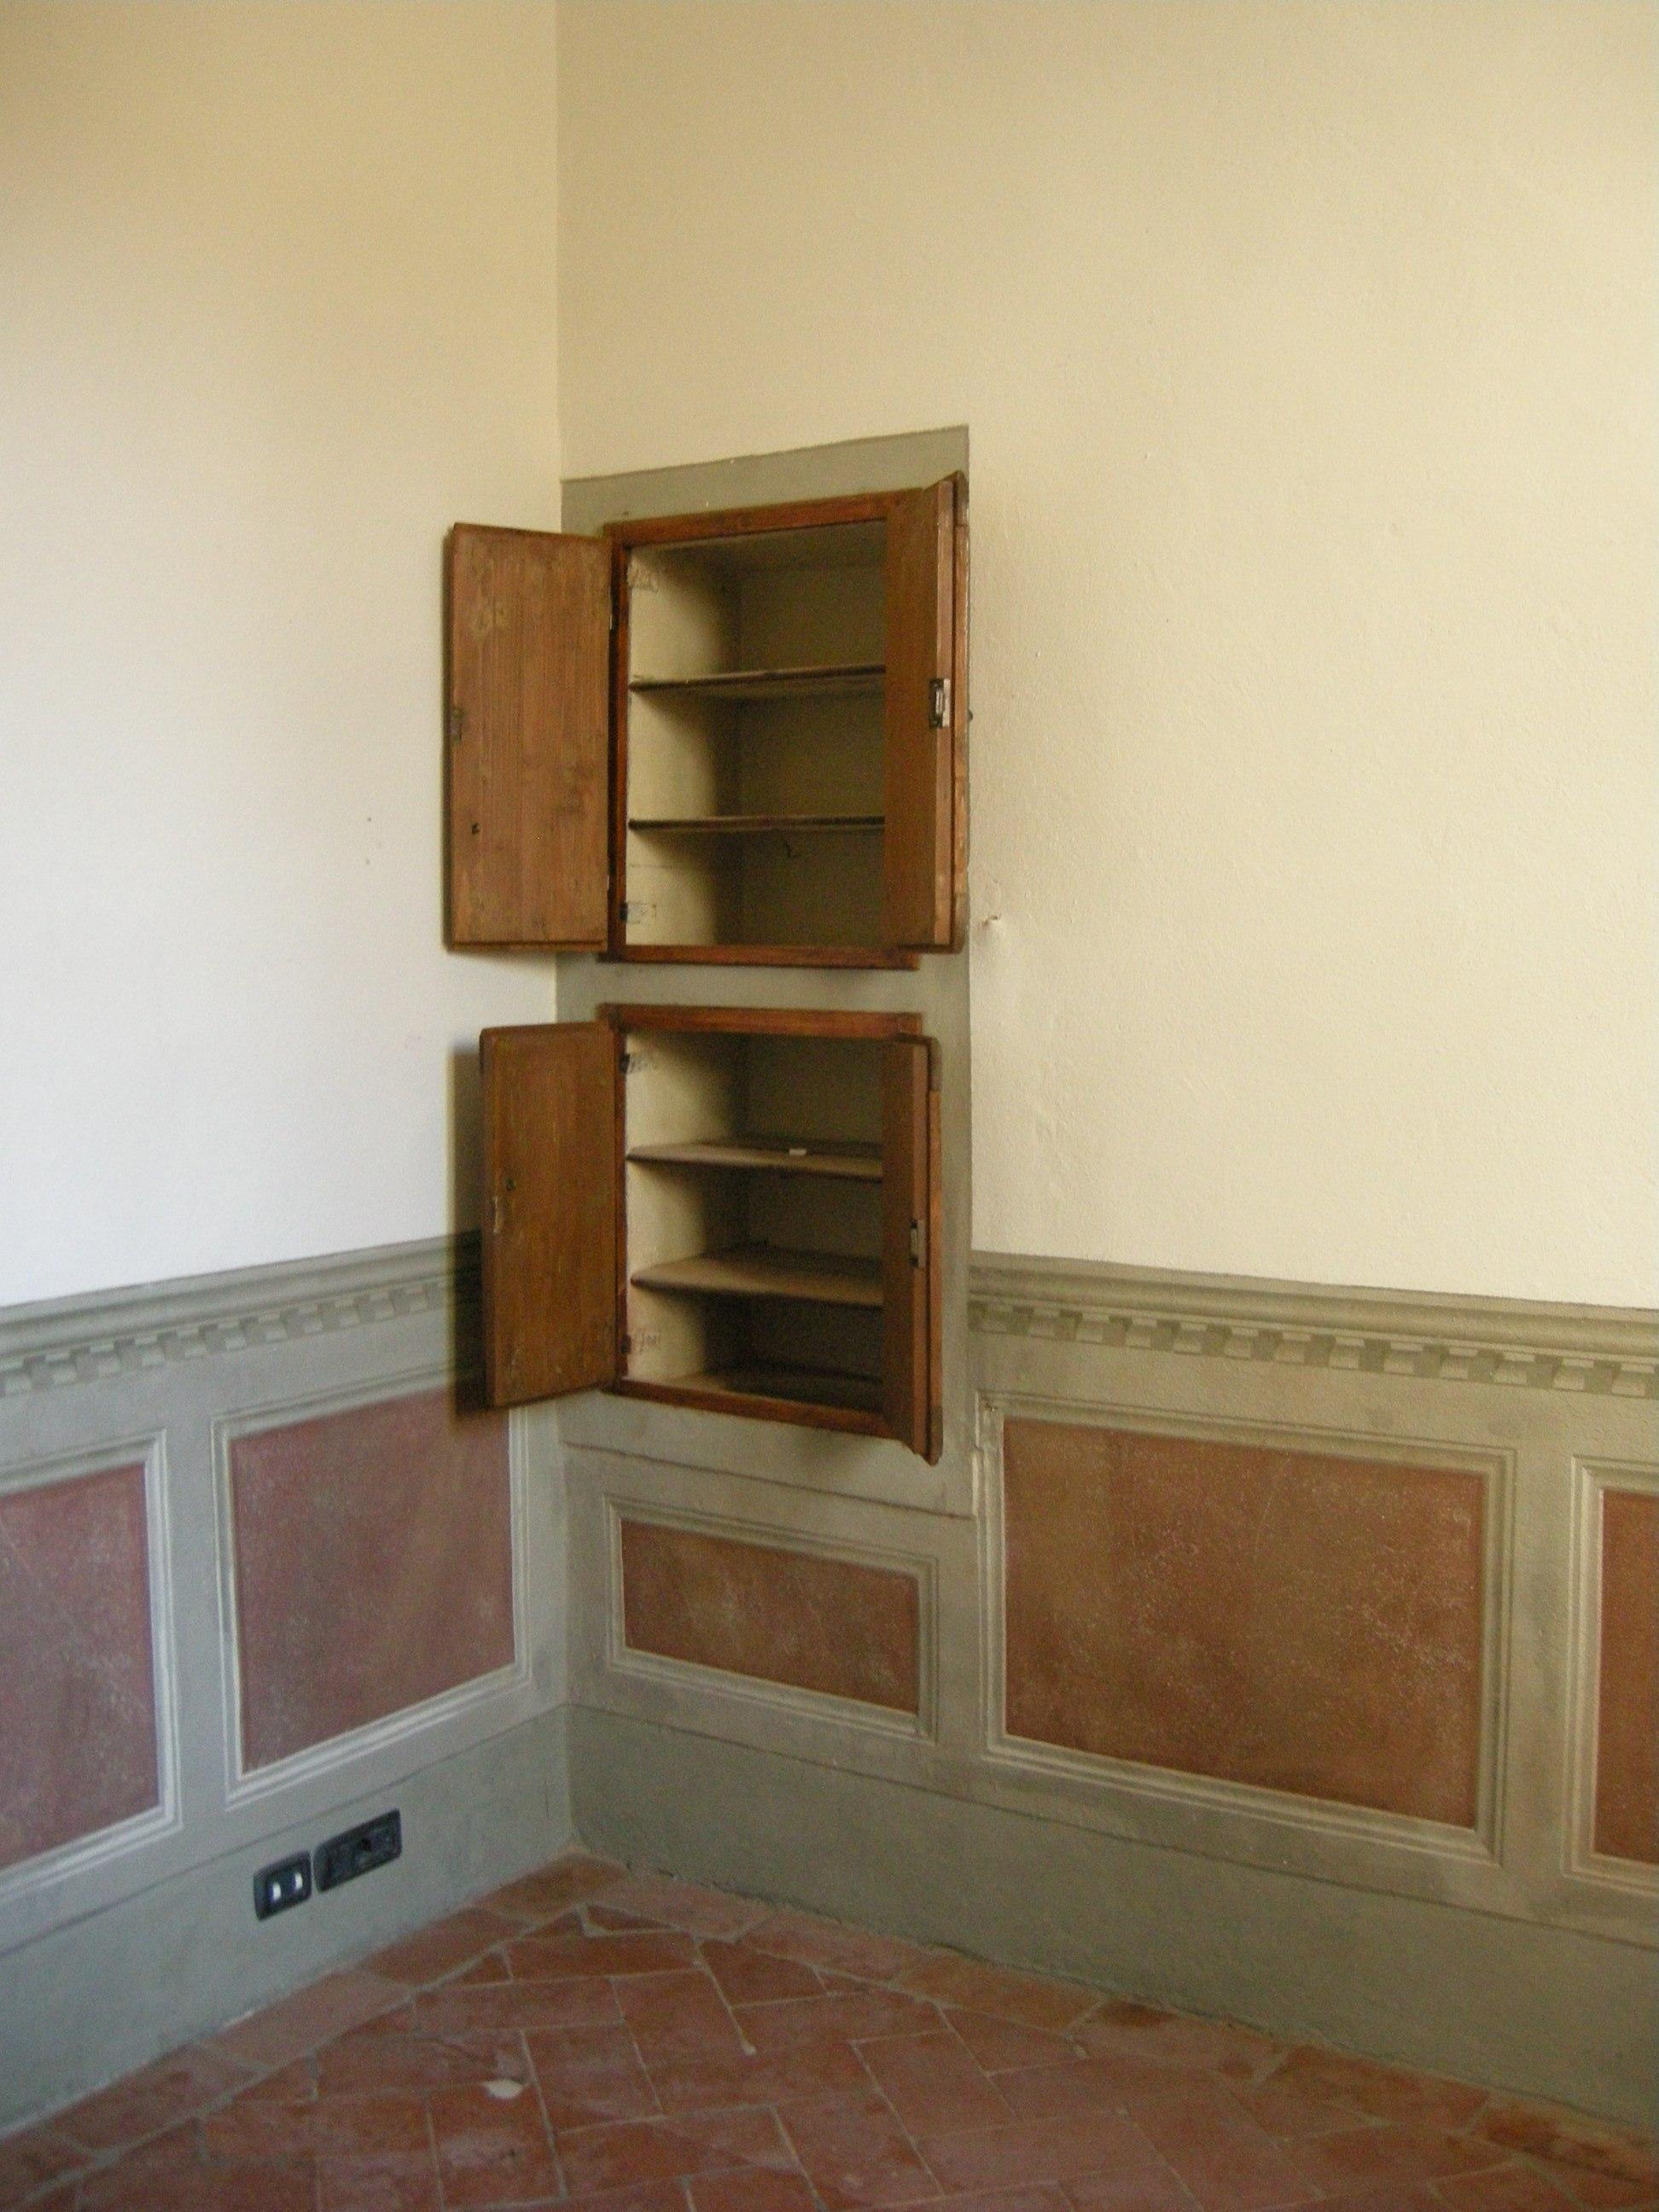 File:Castello dellacciaiolo, interno, armadio a muro.JPG ...